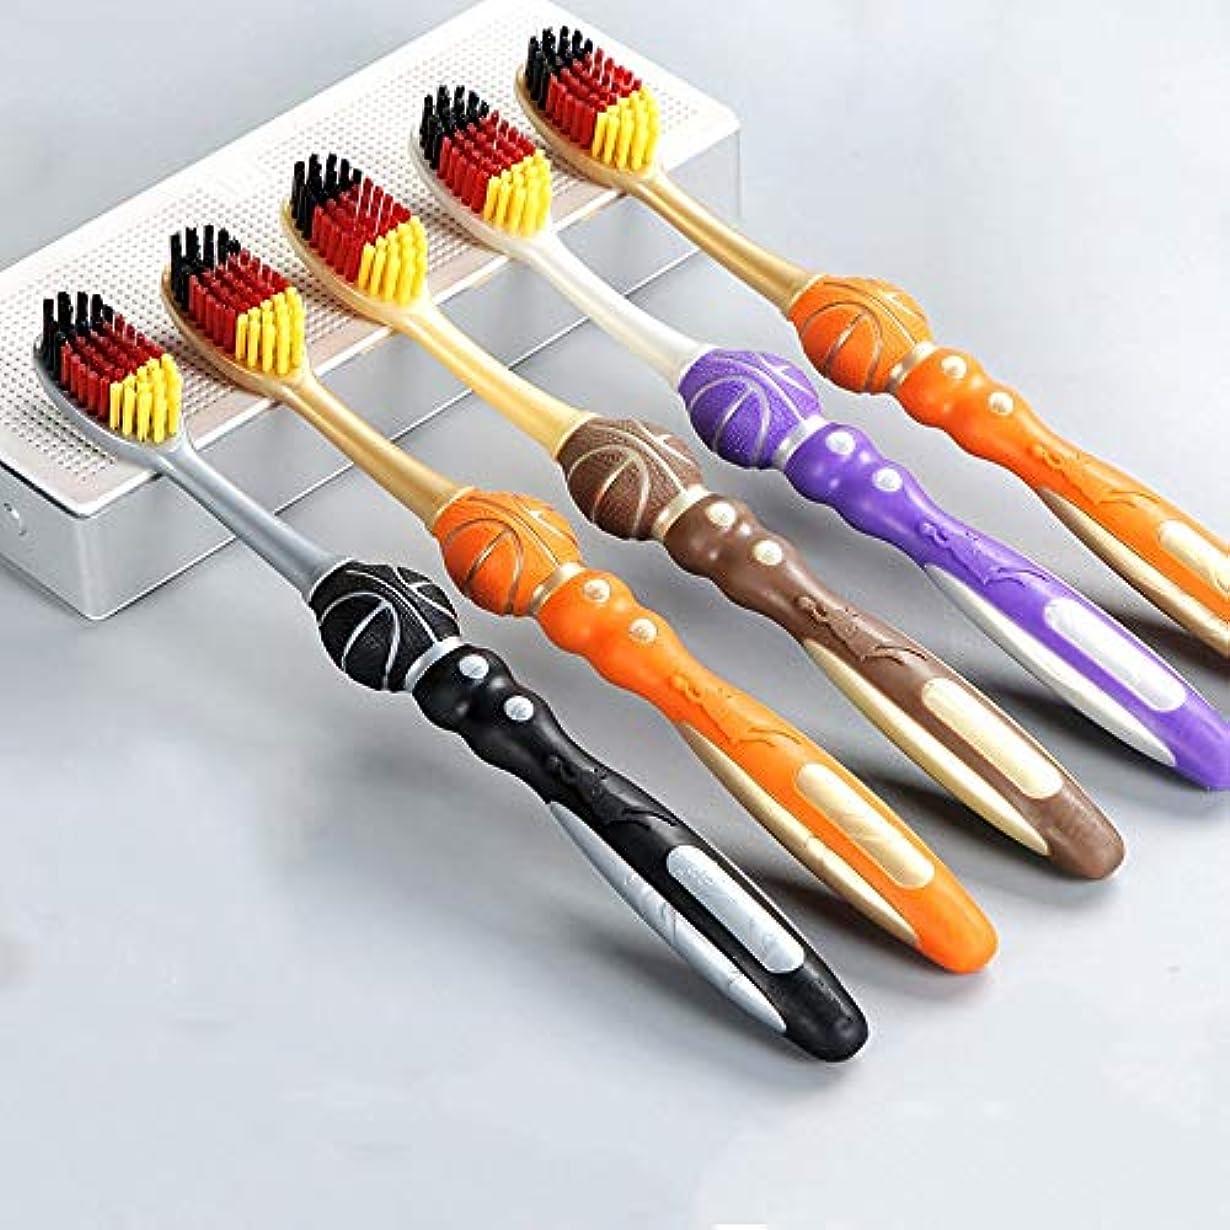 お酢アルカイックカヌー歯ブラシ 10パック歯ブラシ、ソフト毛歯ブラシ、竹炭歯ブラシ、携帯用歯ブラシ - 利用可能な2つのスタイル HL (色 : A, サイズ : 10 packs)